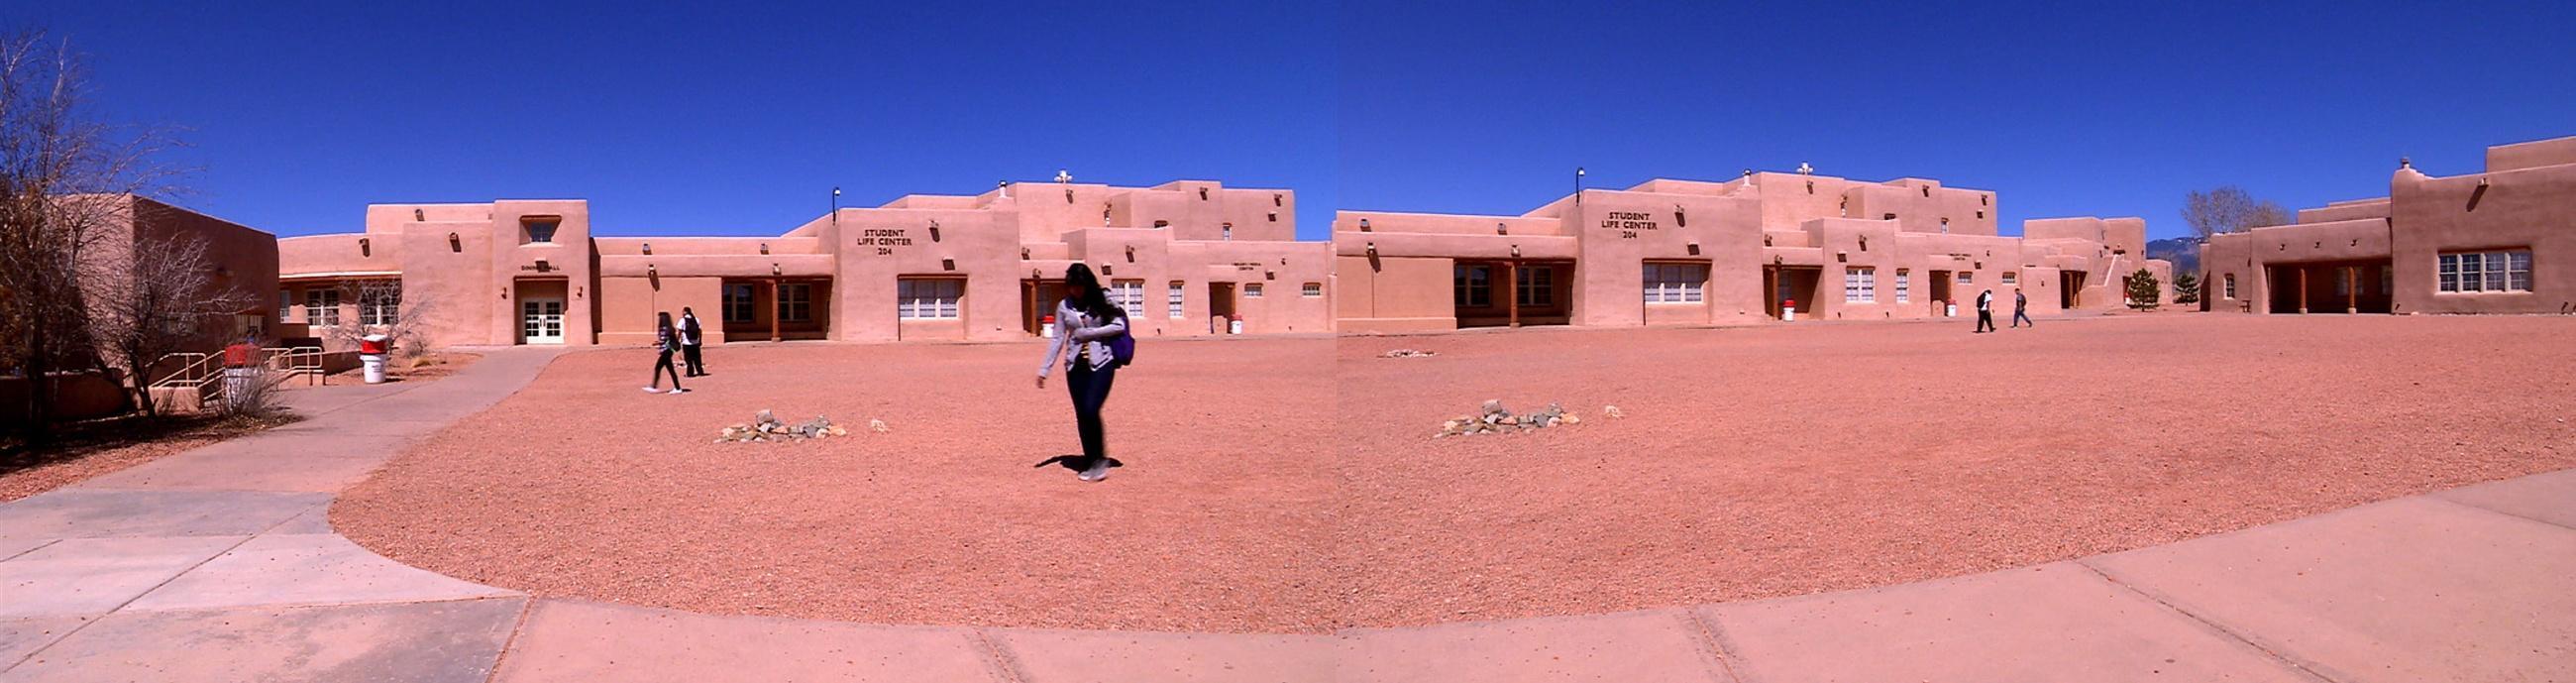 Santa Fe Indian School (current)